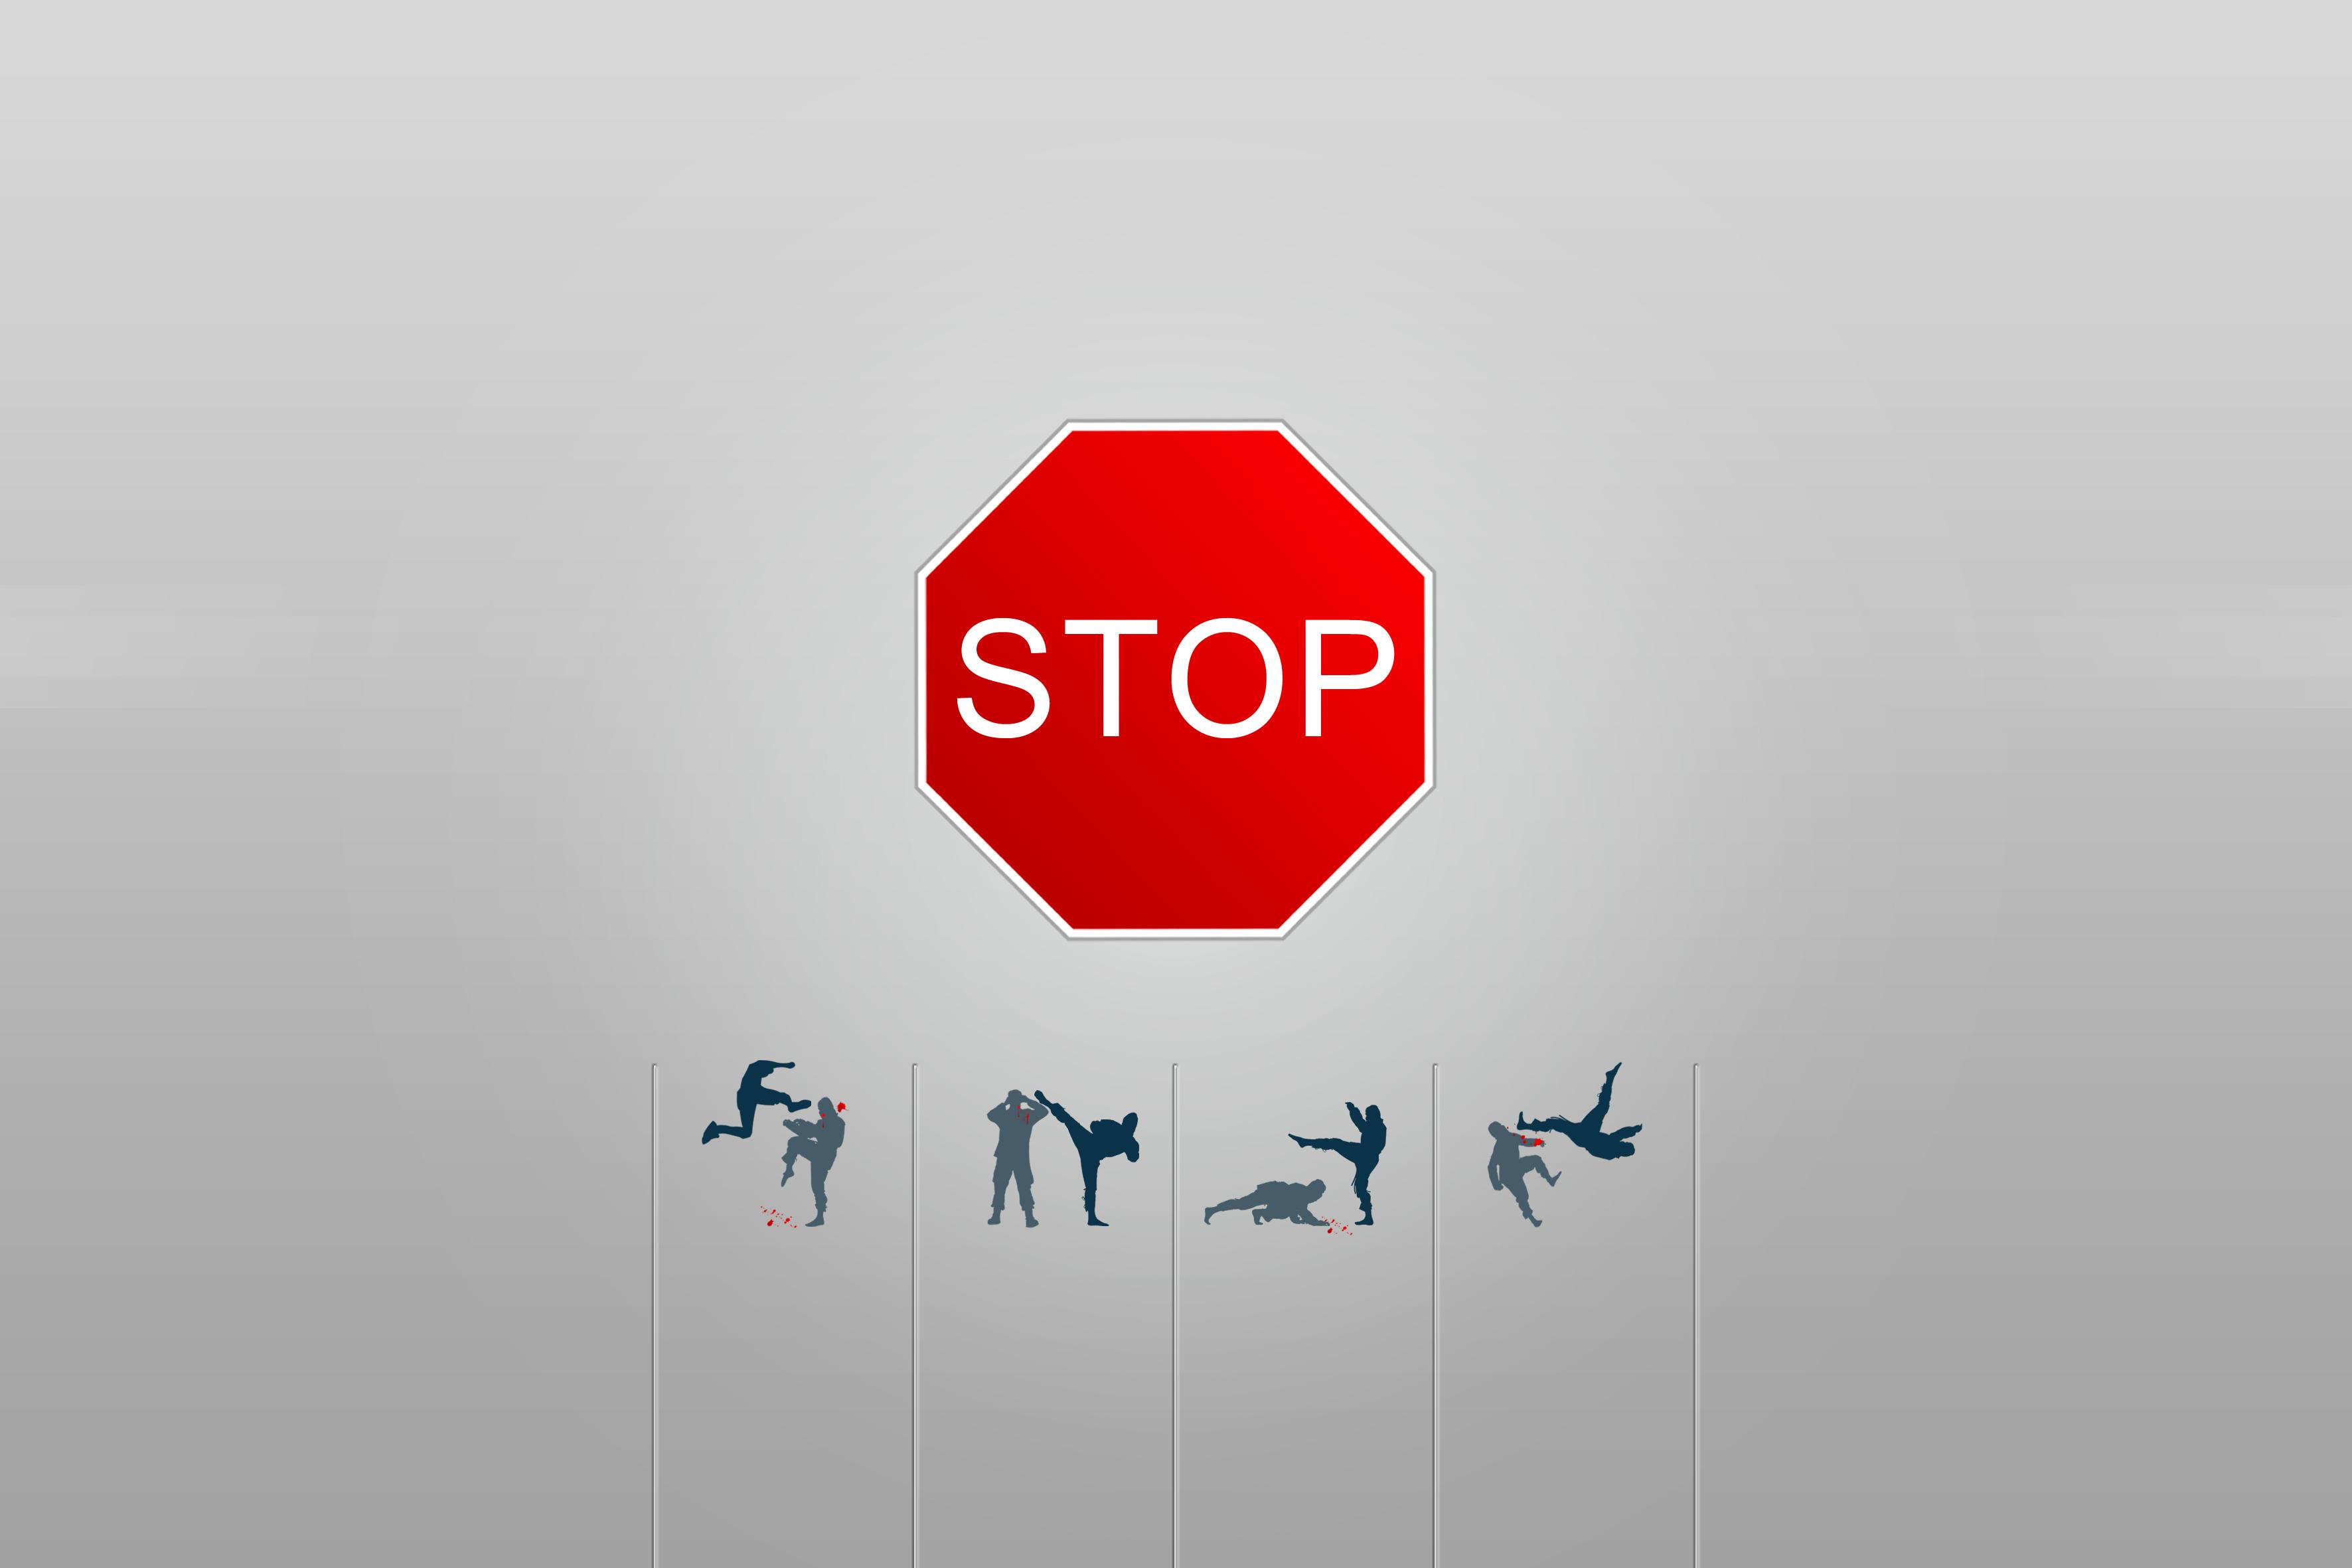 Motivational HD Wallpaper